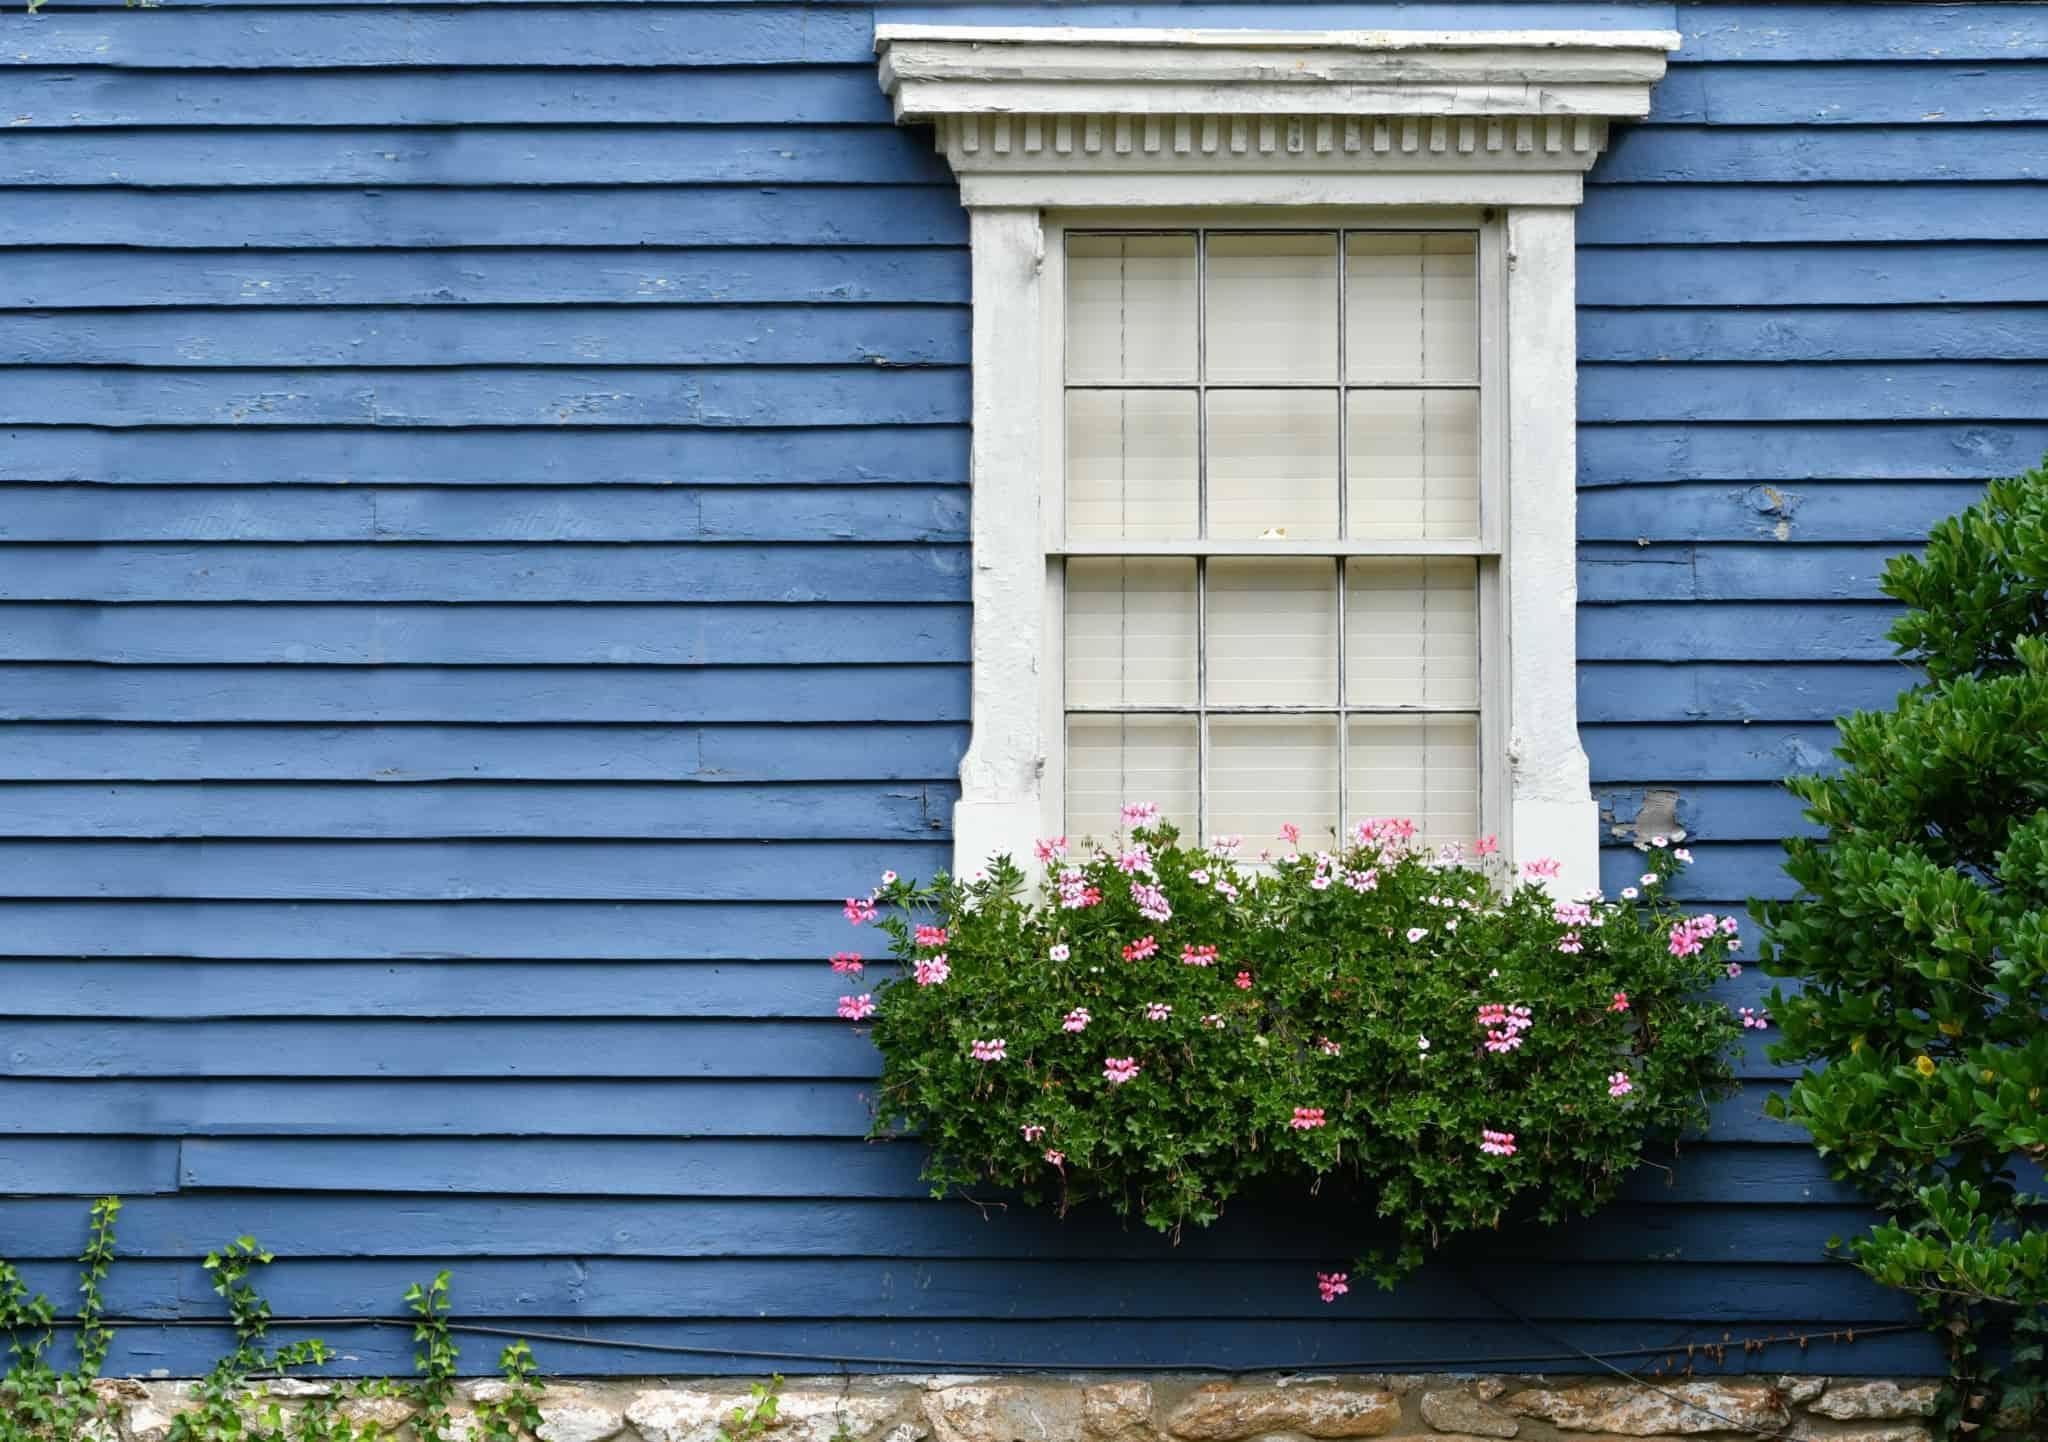 janela branca com flores rosa no exterior de uma casa azul